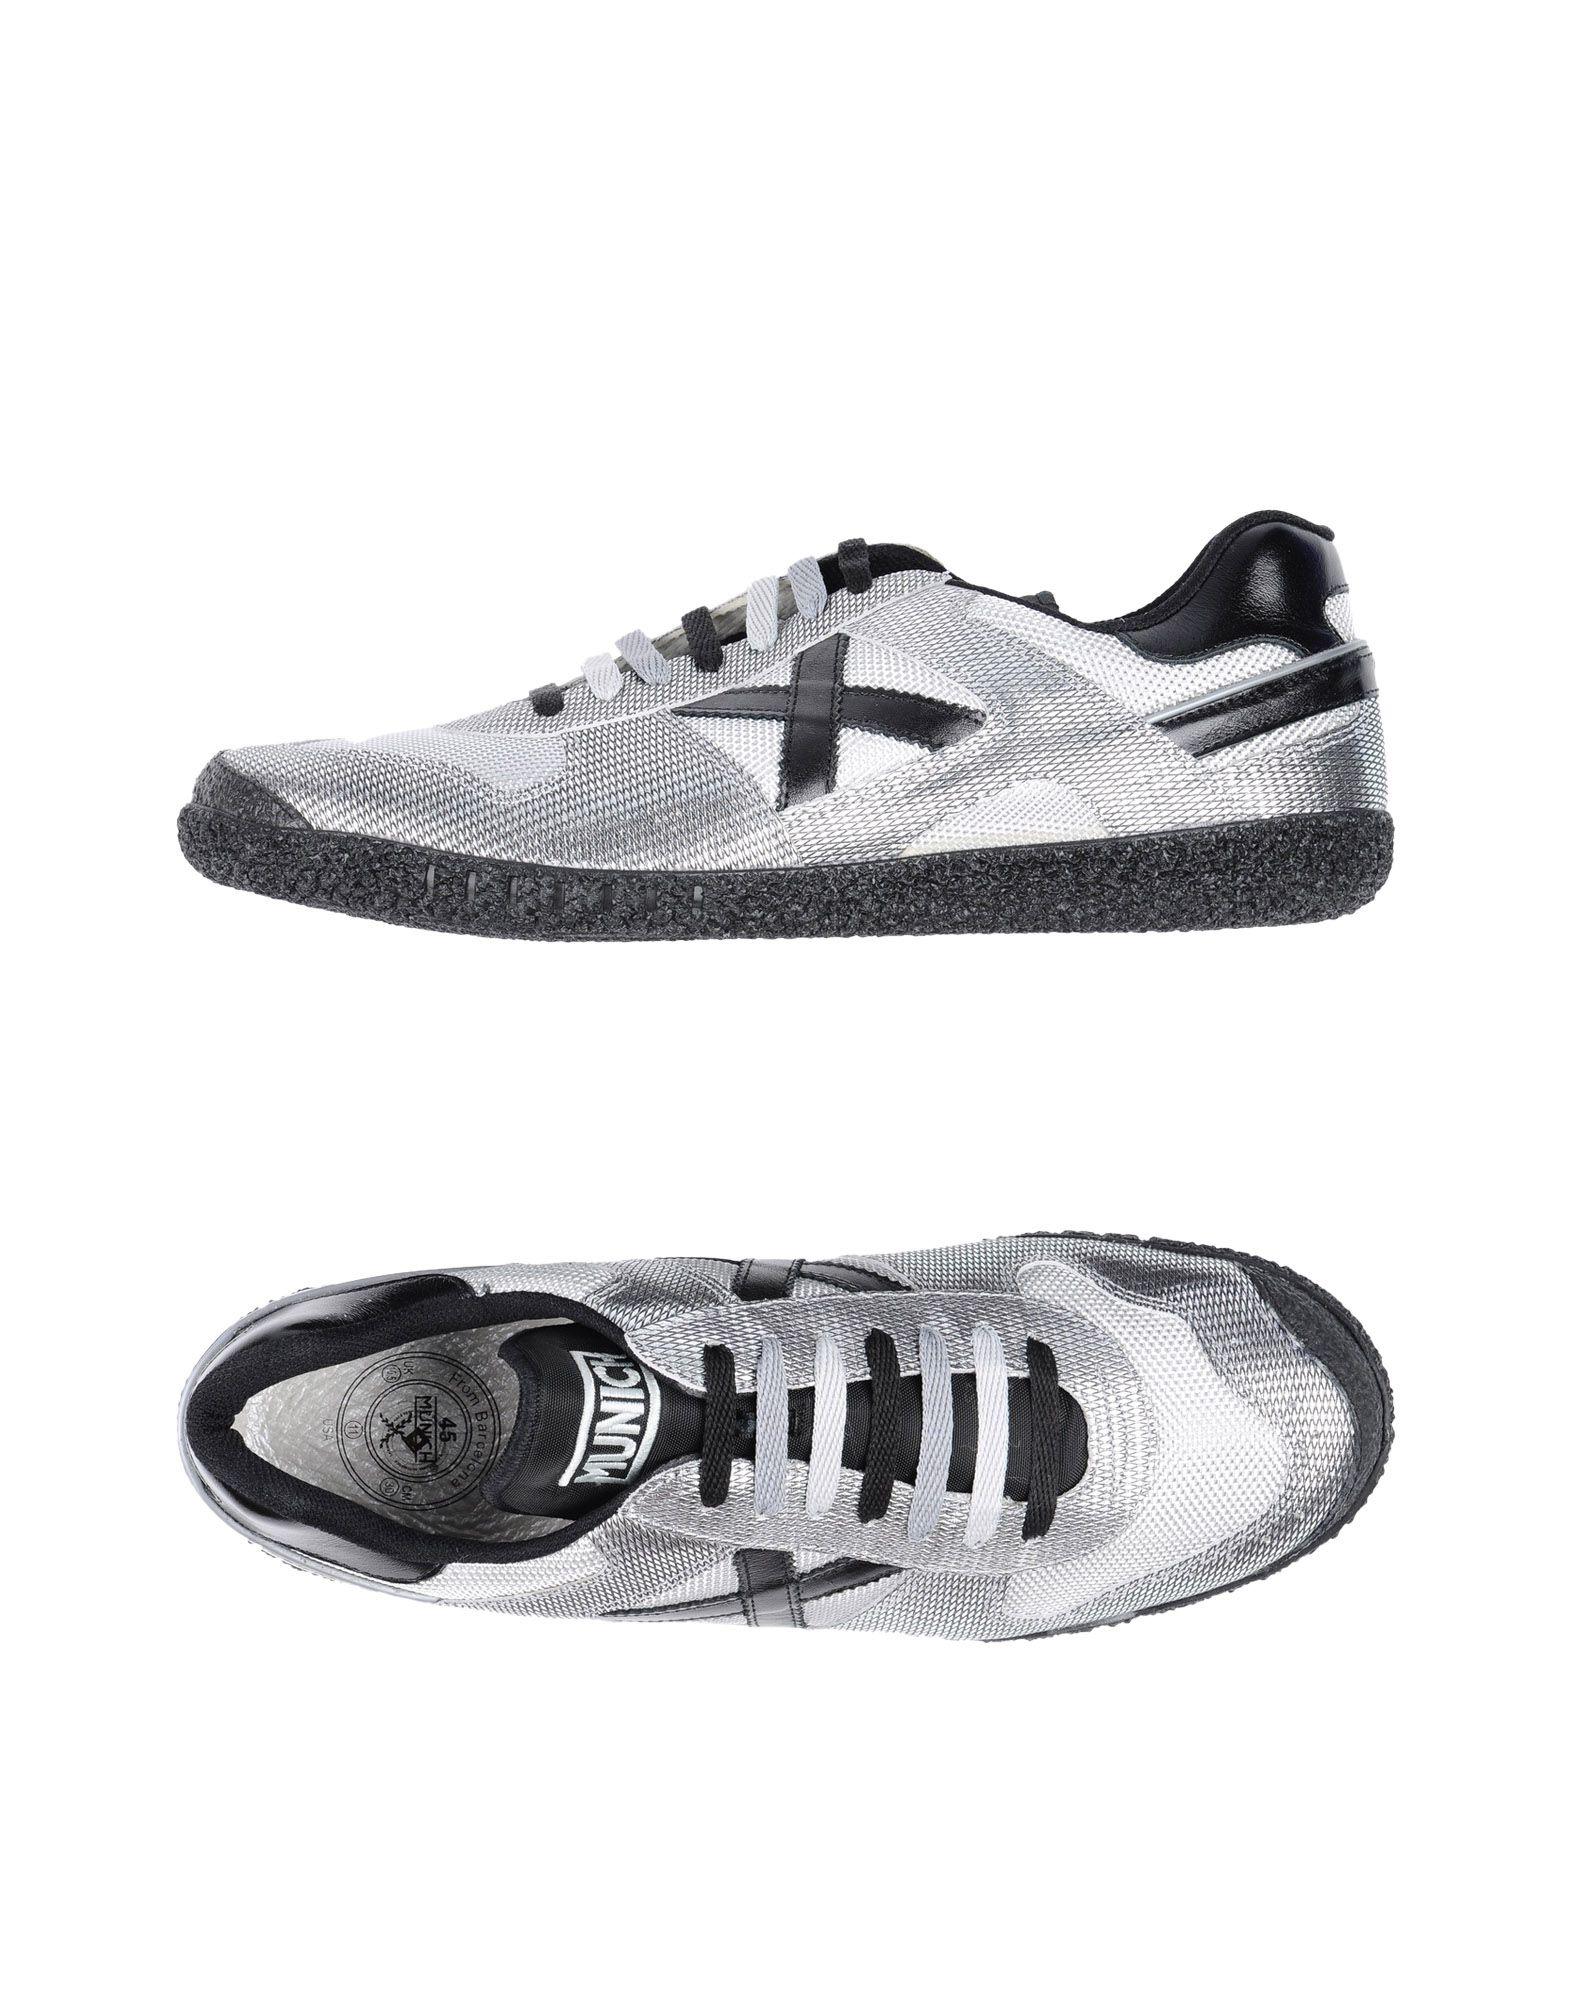 Munich Sneakers Herren Heiße  11356953JC Heiße Herren Schuhe 64052a